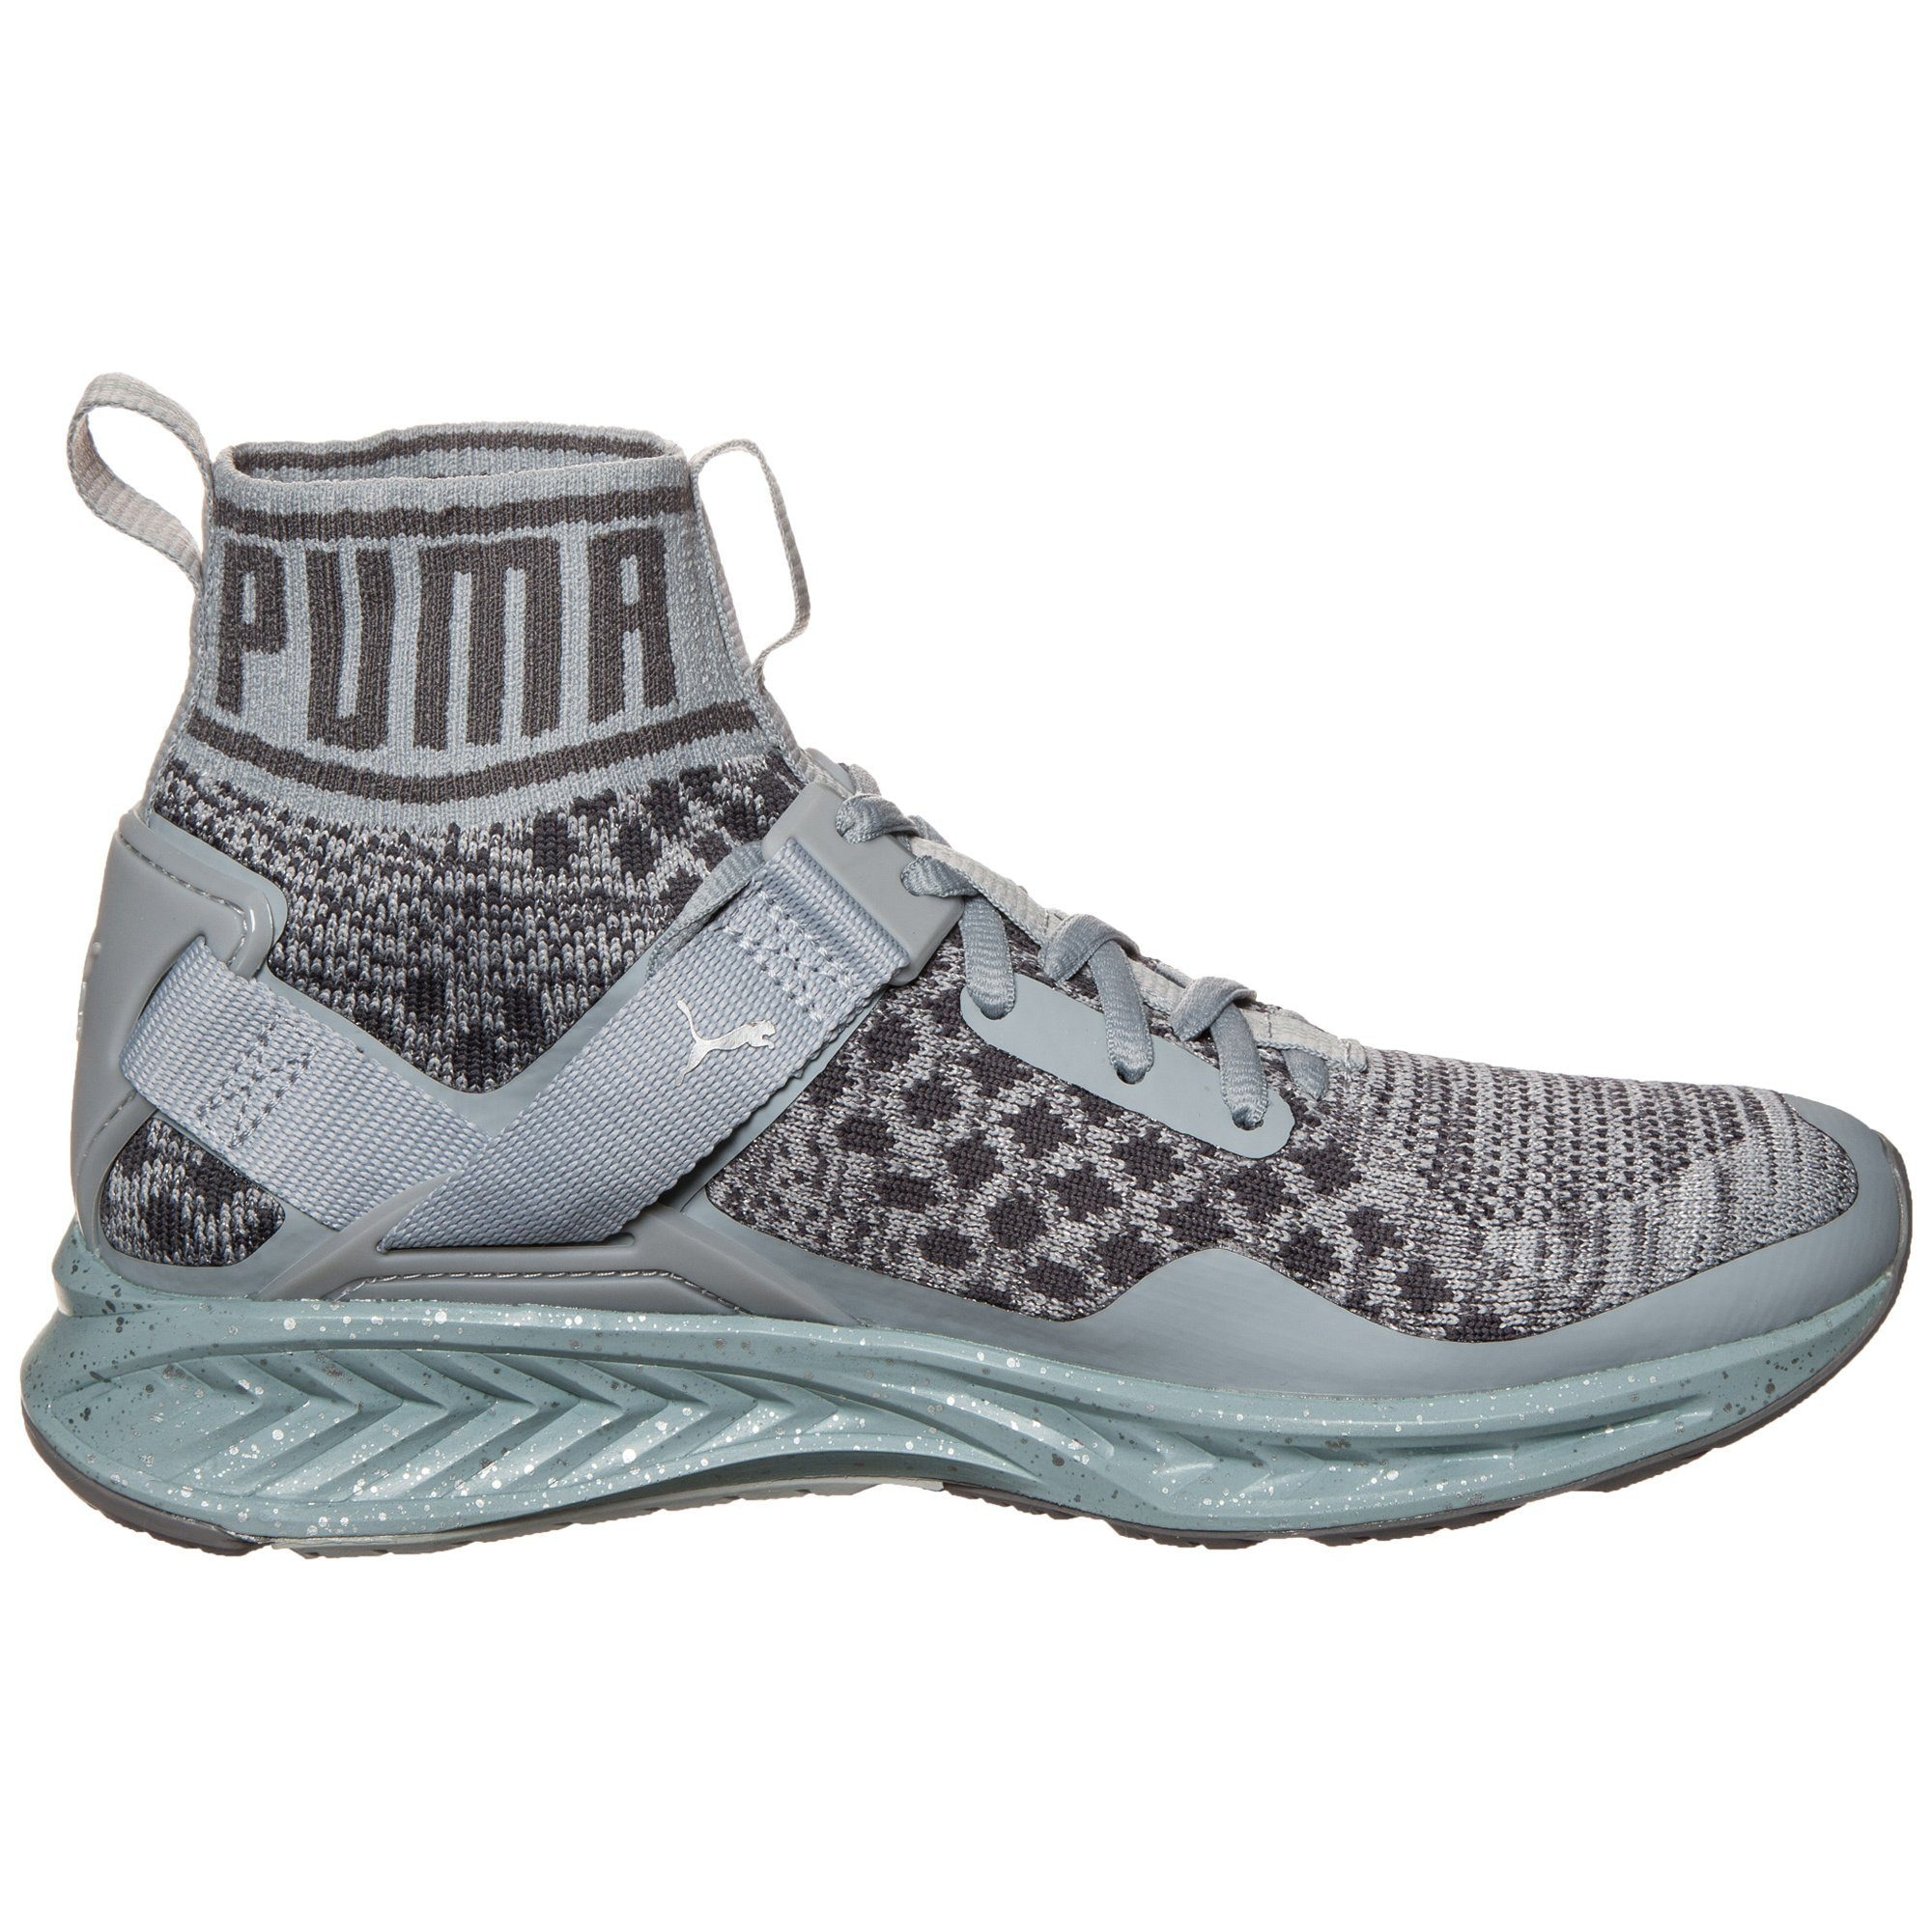 PUMA Sneaker kaufen »Ignite Evoknit« jetzt online kaufen Sneaker | Gutes Preis-Leistungs-Verhältnis, es lohnt sich 31bac0